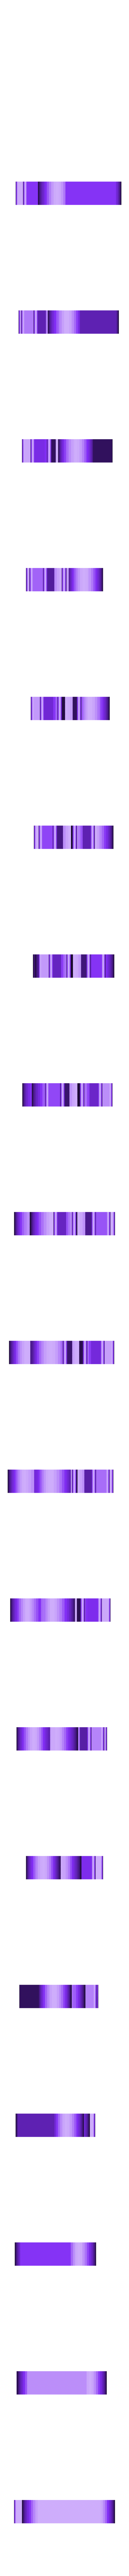 Pièce1.STL Télécharger fichier STL gratuit Moule pour oeuf • Design à imprimer en 3D, GuilhemPerroud